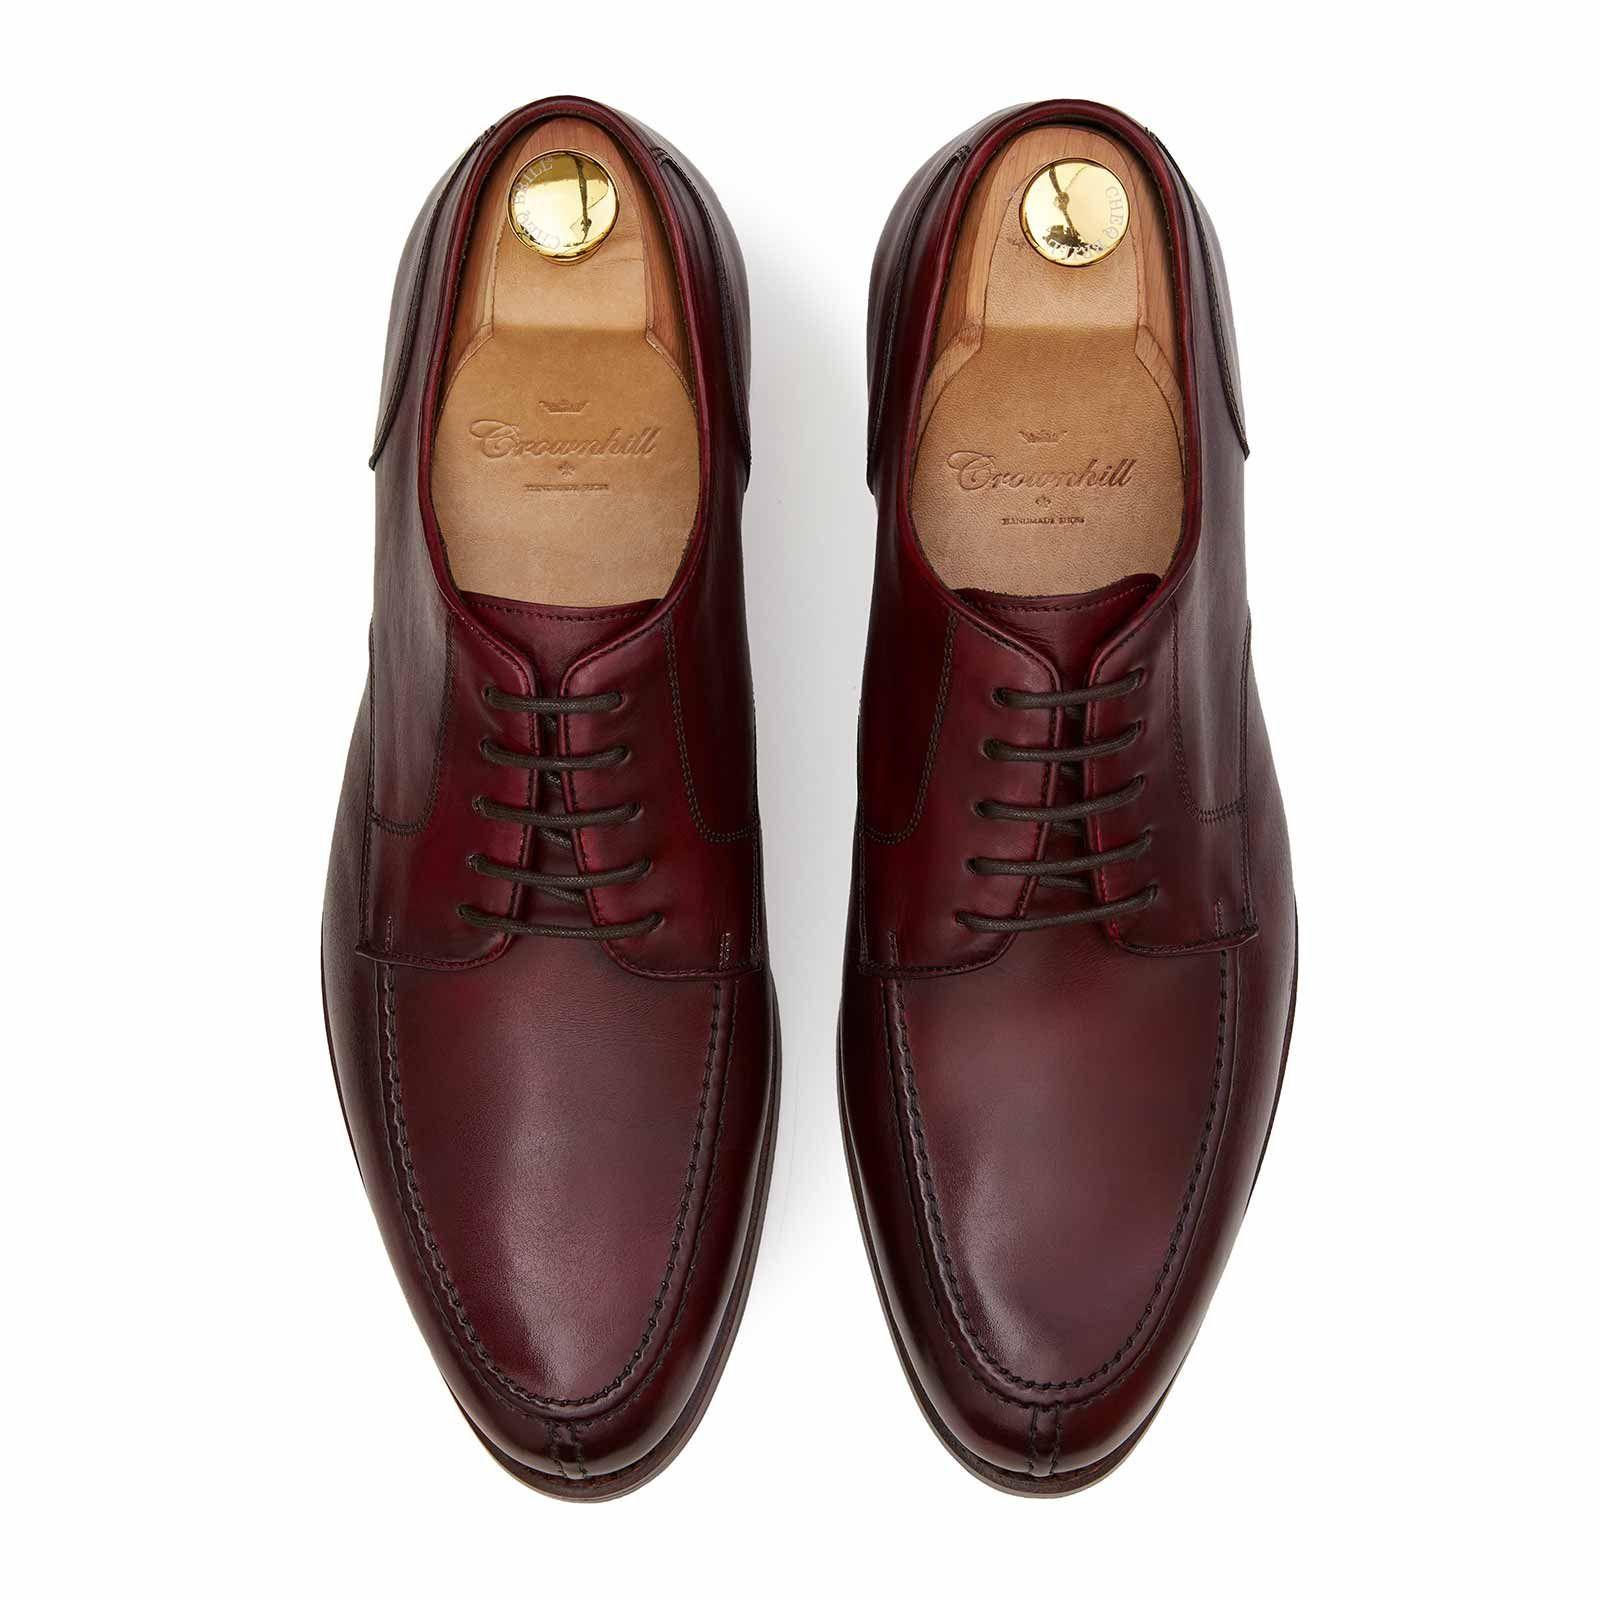 The Tony Curtis | Zapato de vestir hombre, Zapatos de vestir